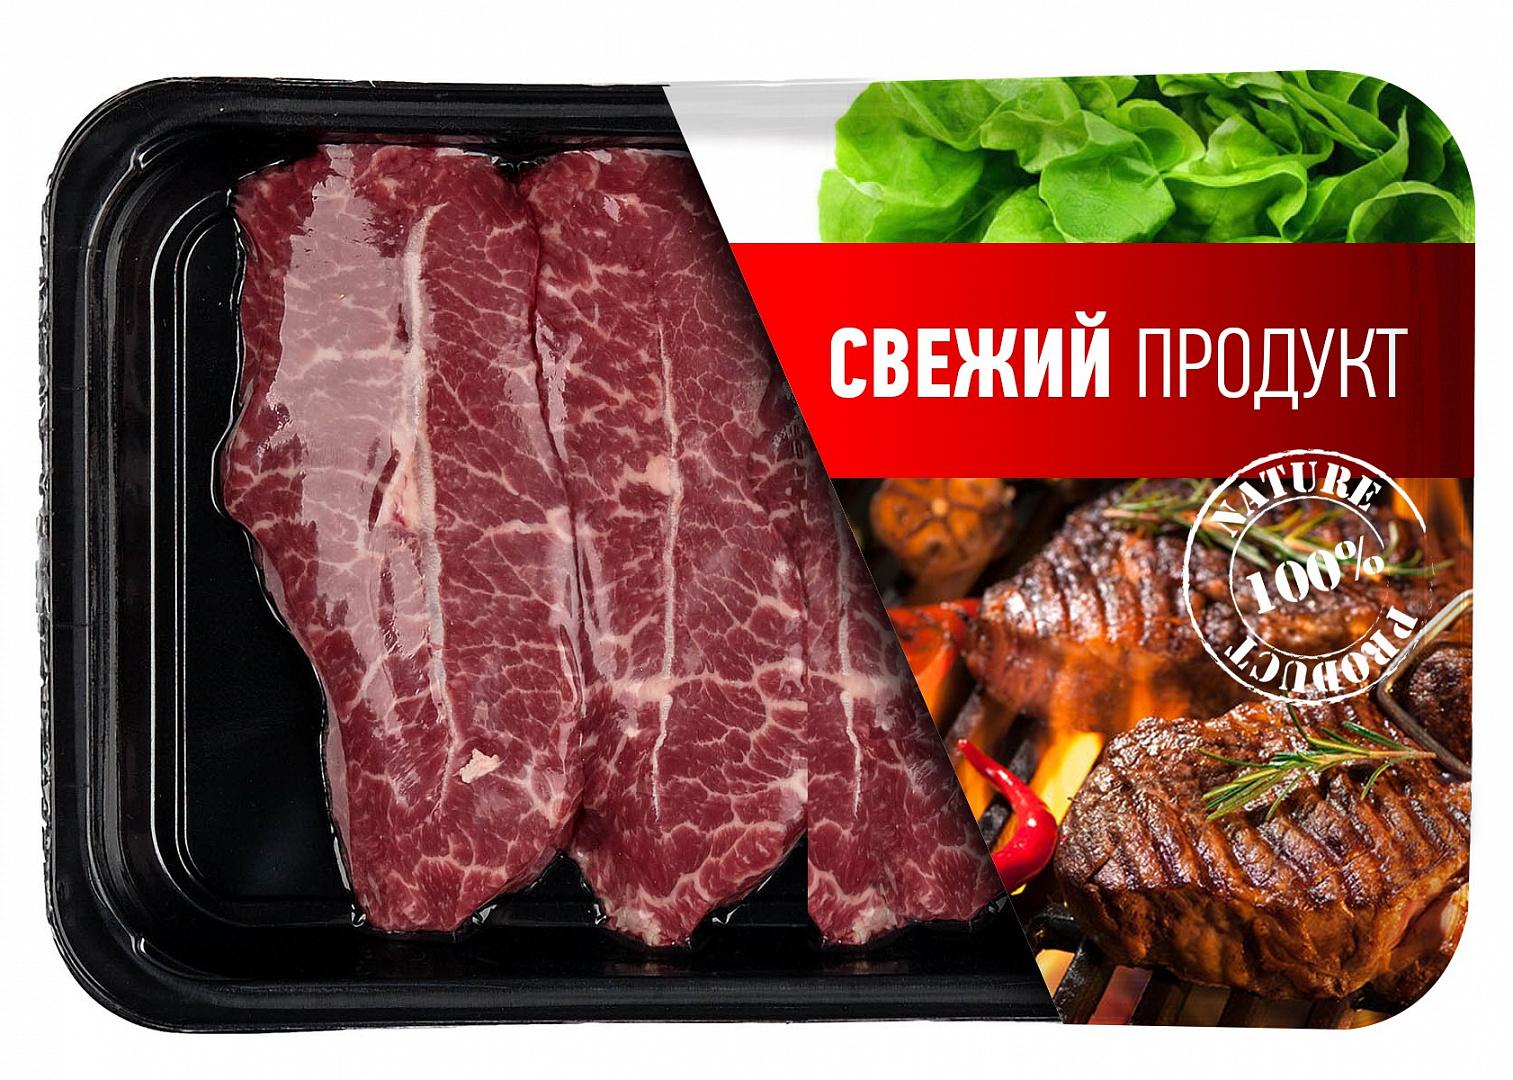 Этикетка на замороженное мясо